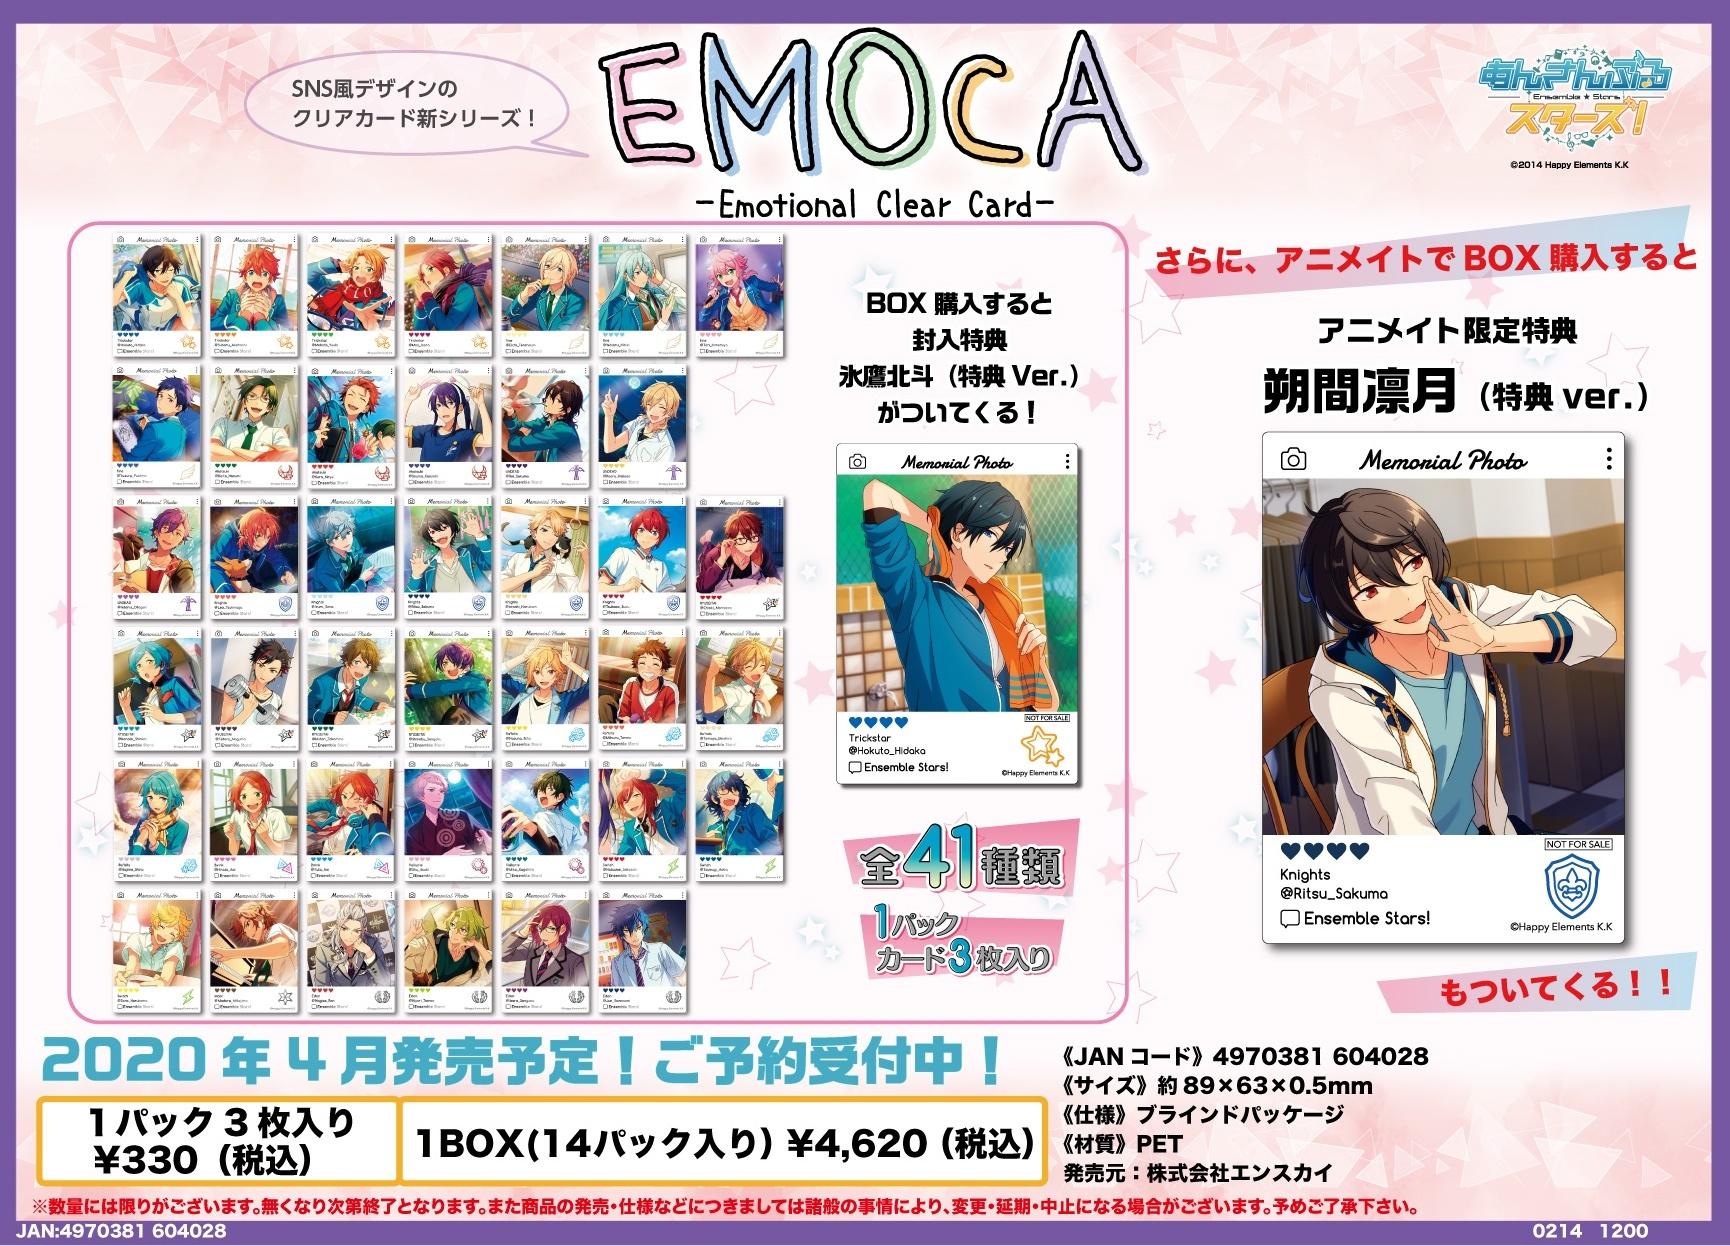 『あんスタ』SNS風クリアカードグッズ「EMOCA」が登場